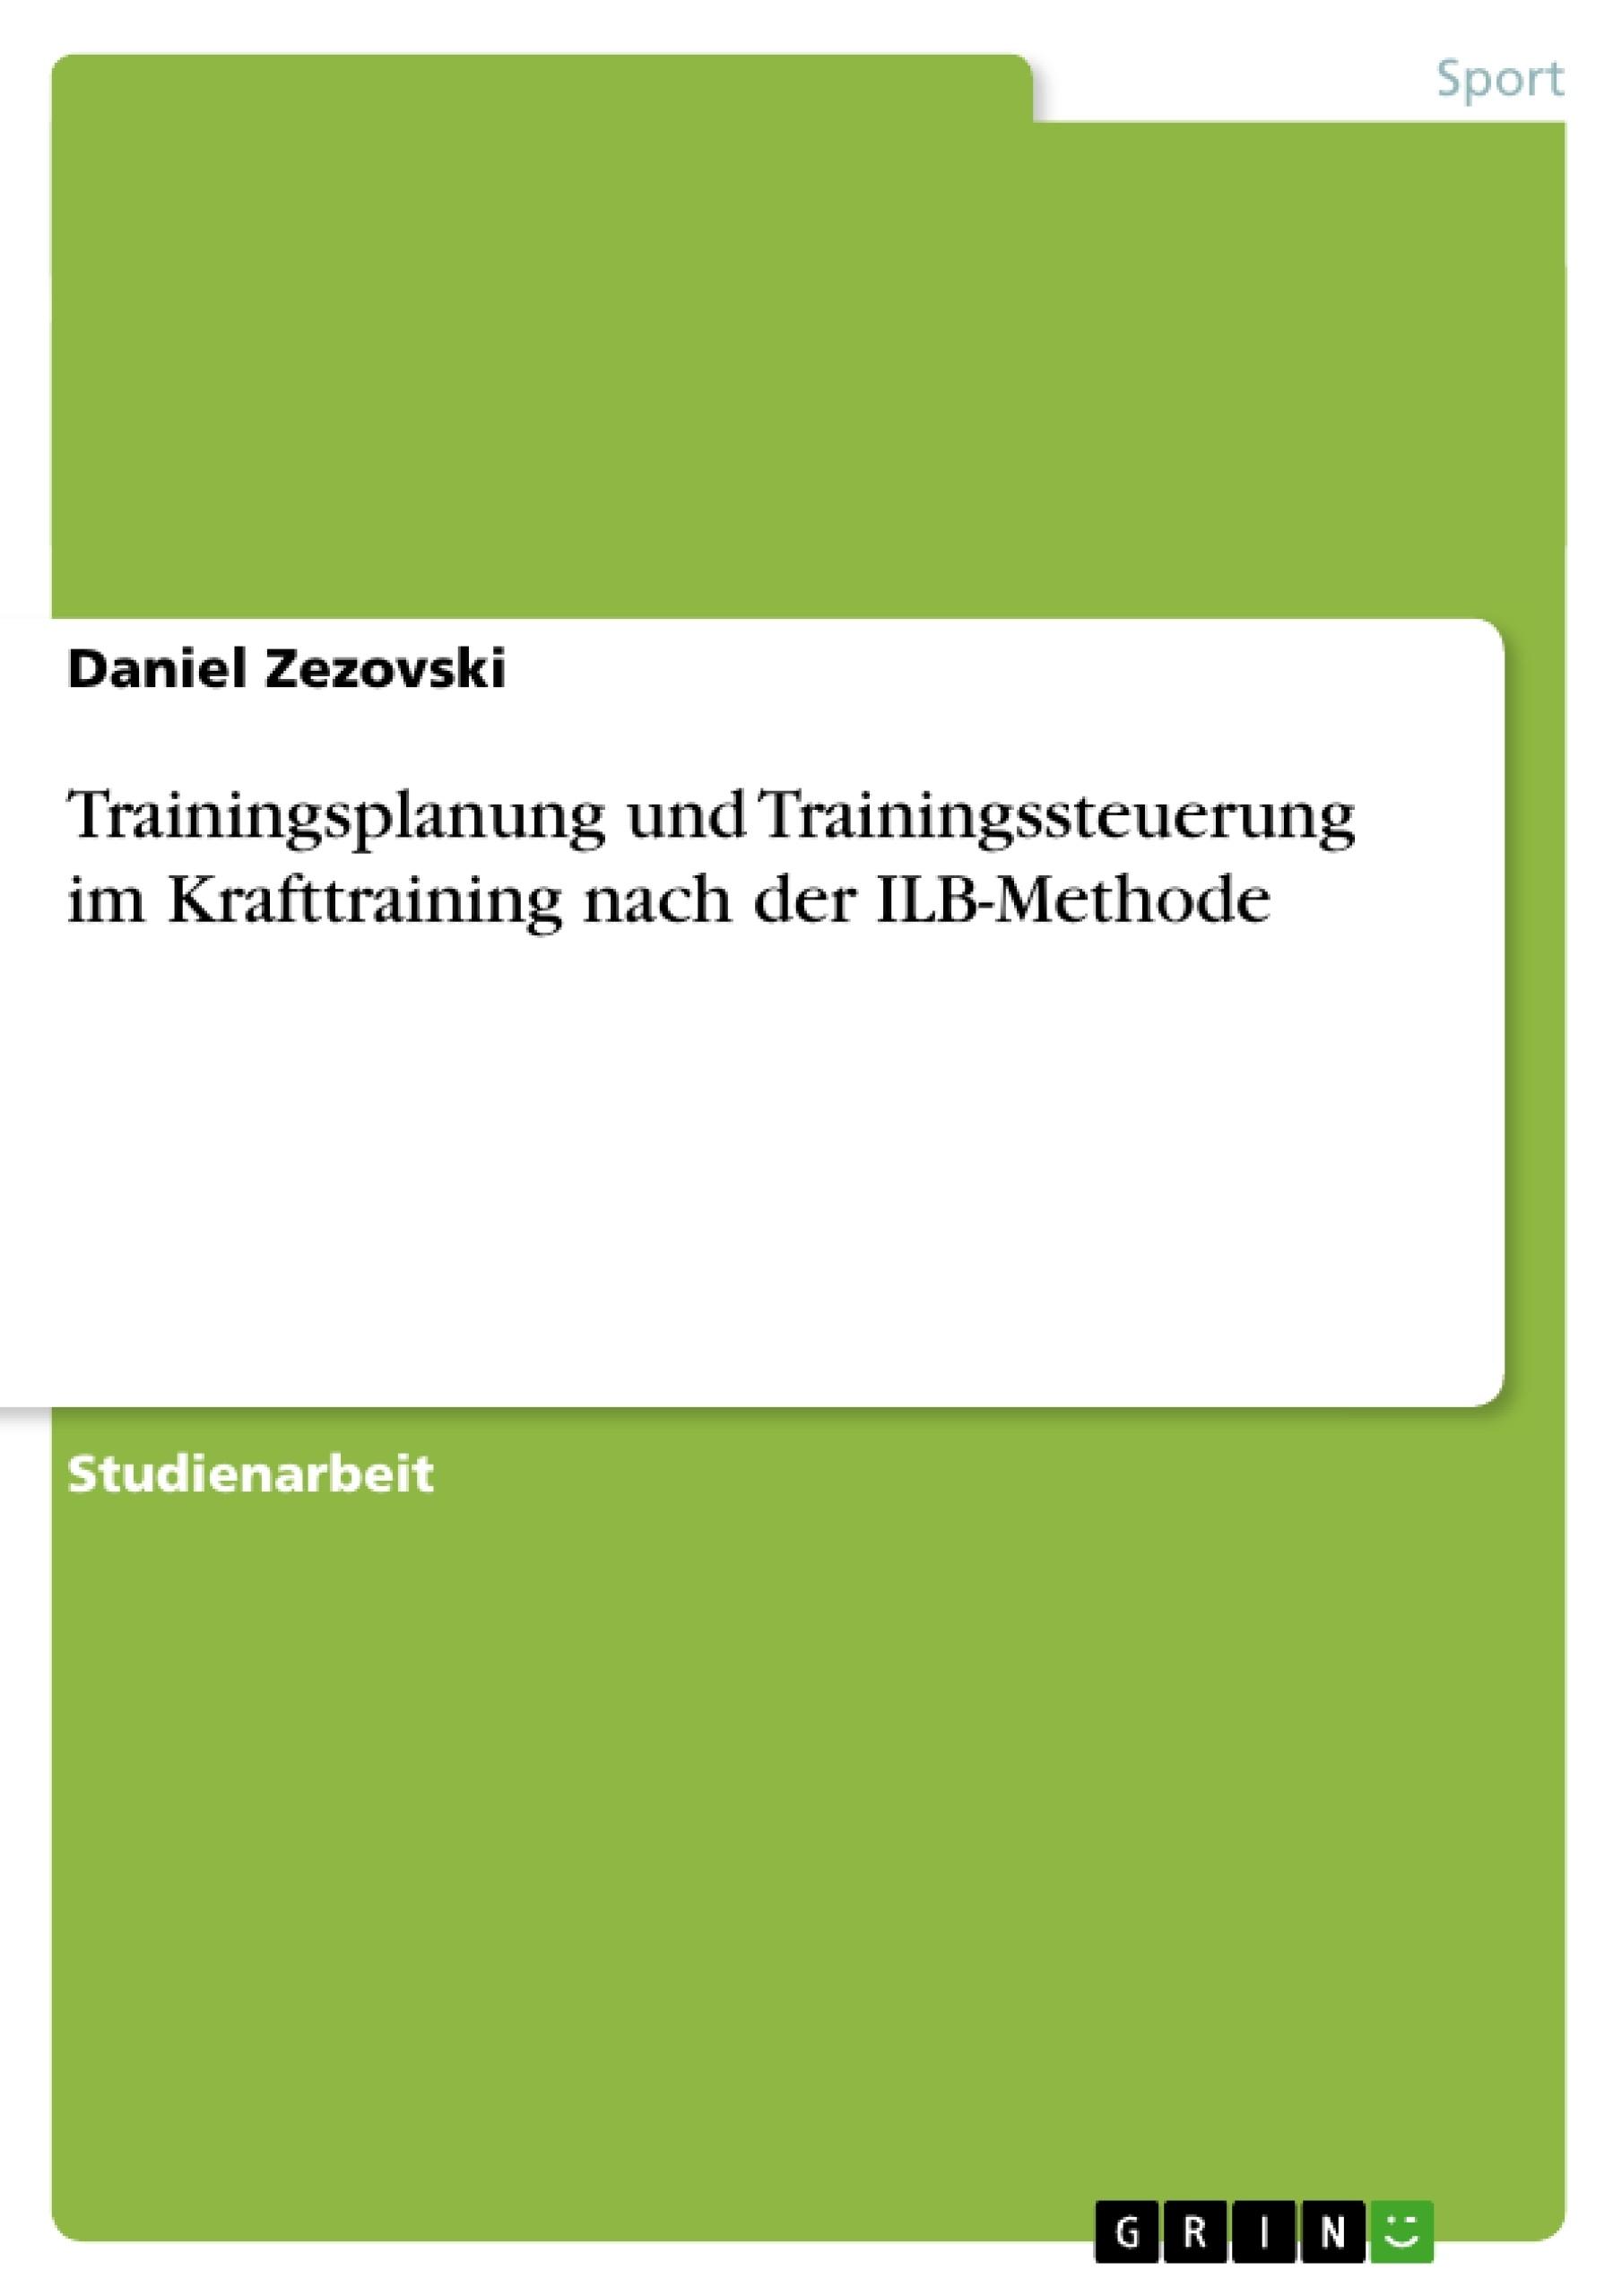 Titel: Trainingsplanung und Trainingssteuerung im Krafttraining nach der ILB-Methode